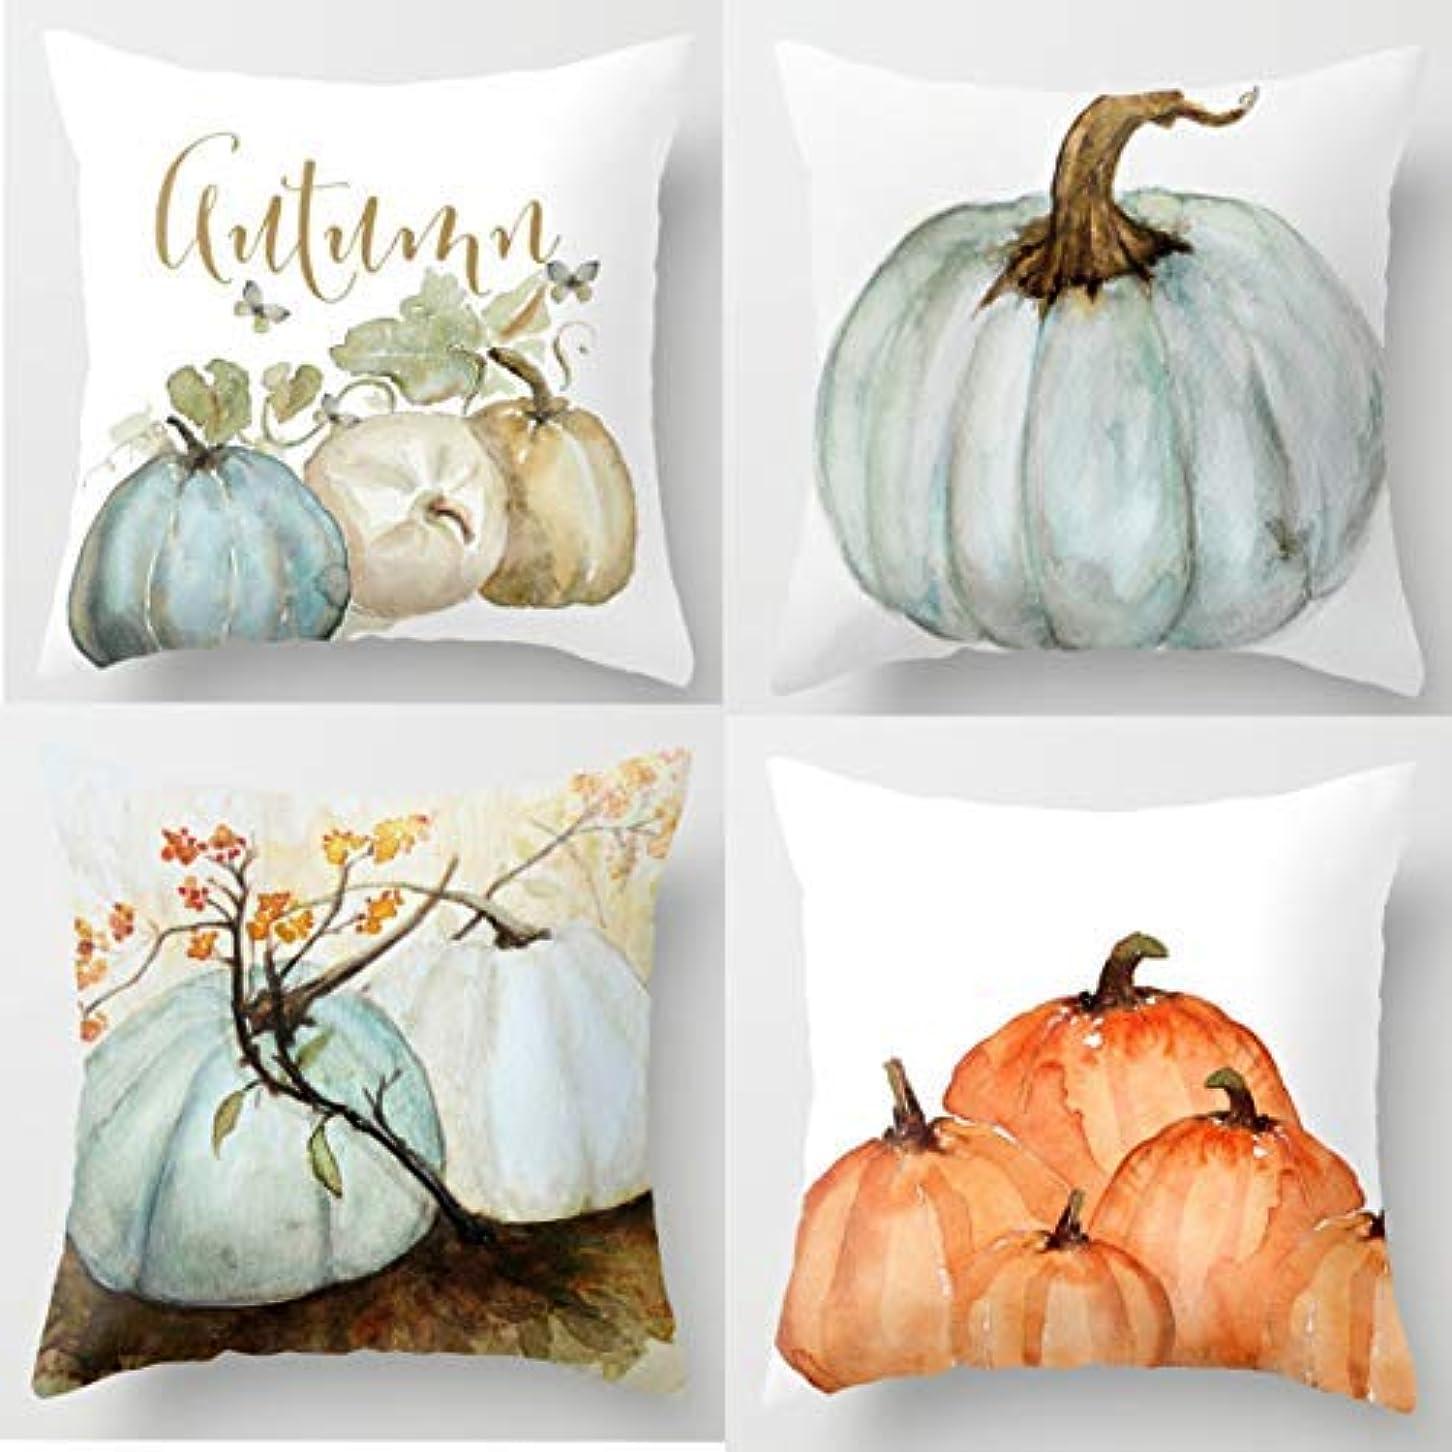 国民晴れ結婚式RUOAR Autumn Decorations Pumpkin Pillow Covers Set of 4 Fall Decor Grateful Thanksgiving Throw Pillow Covers Cushion Cover 18 X 18 [並行輸入品]